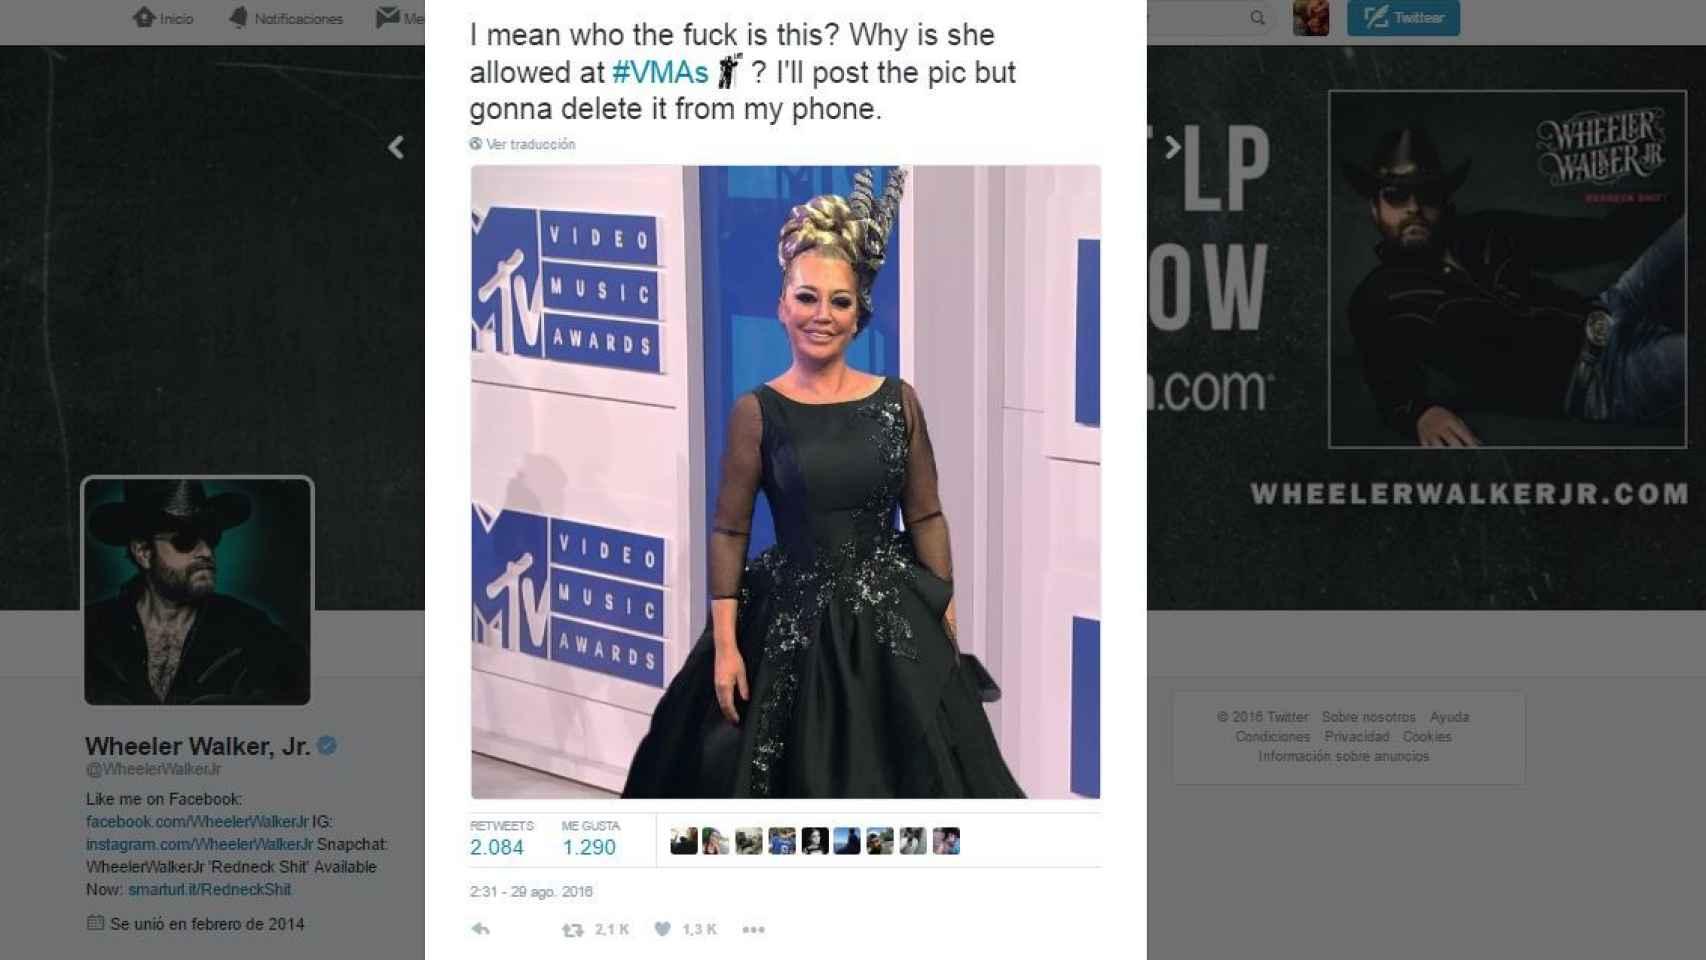 El tweet de Wheeler Walker Jr enfurecido por la presunta presencia de Belén Esteban en los VMAs